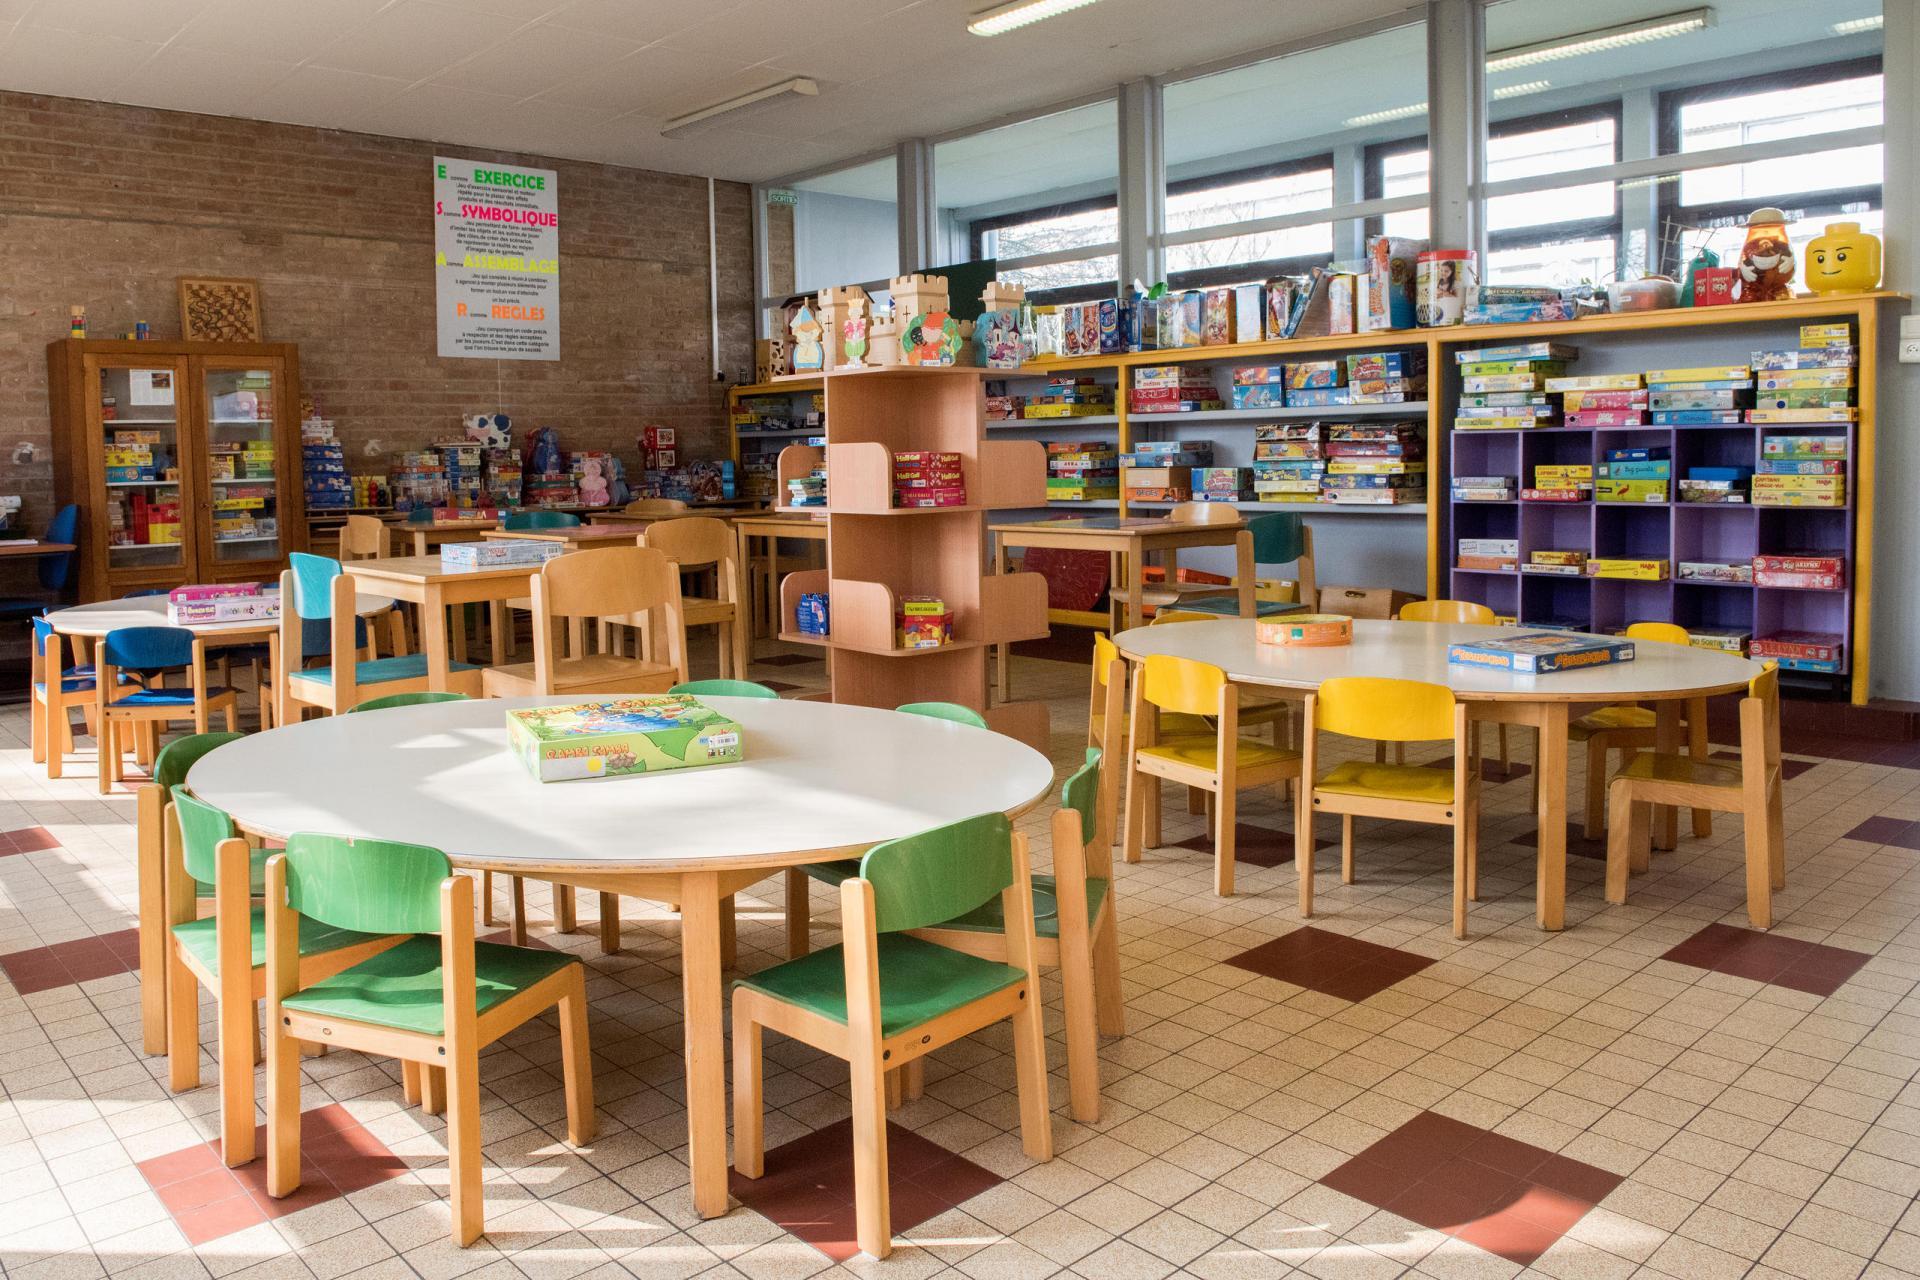 Intérieur de la salle de jeux clé de sol avec tables et chaises